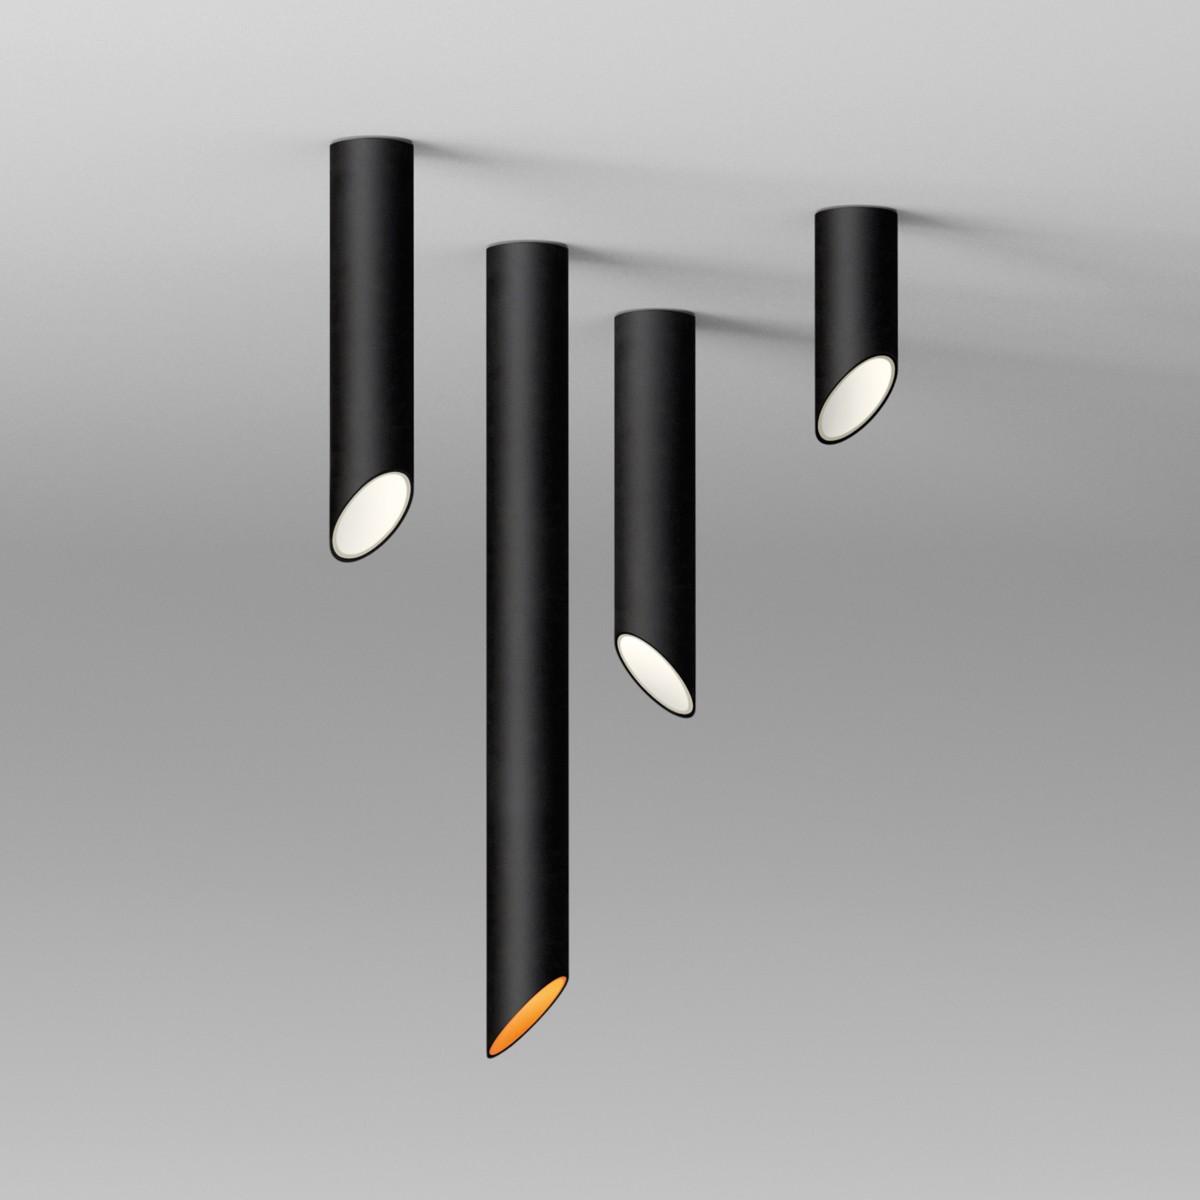 Vibia 45° Deckenleuchte, schwarz matt, Höhe: 25 cm